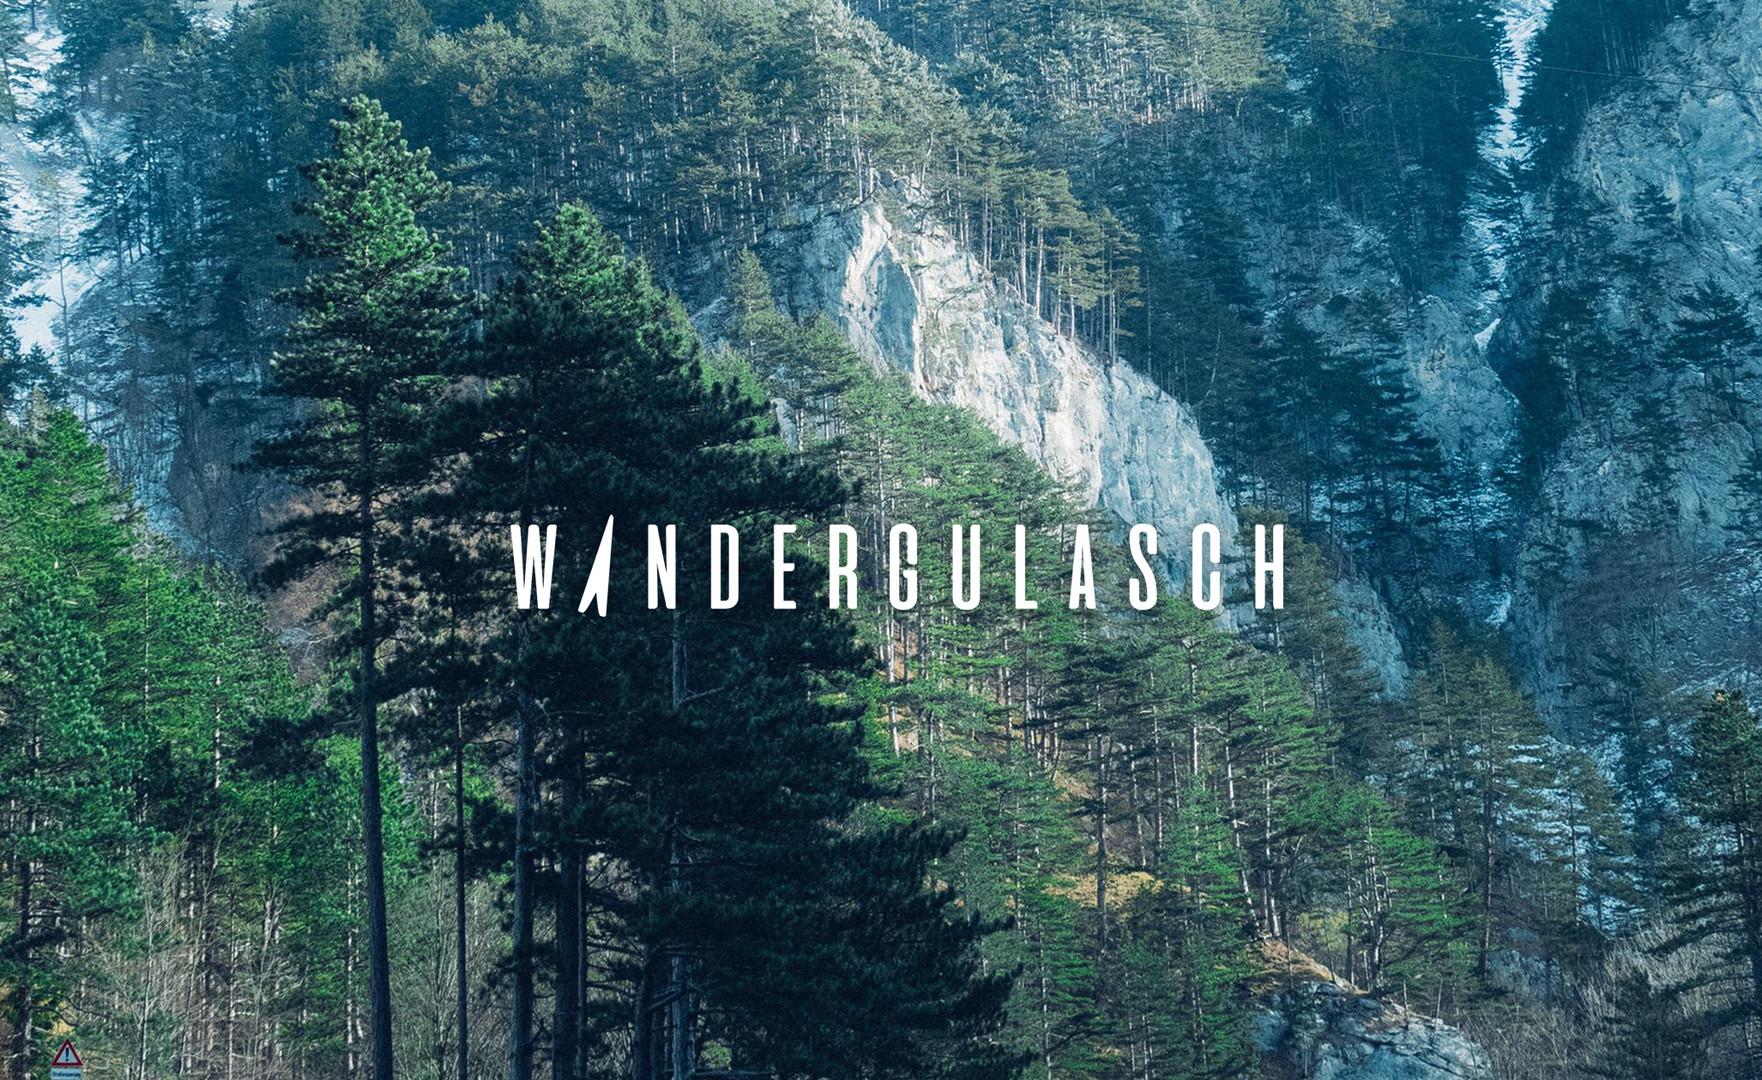 WANDERGULASCH_2.jpg